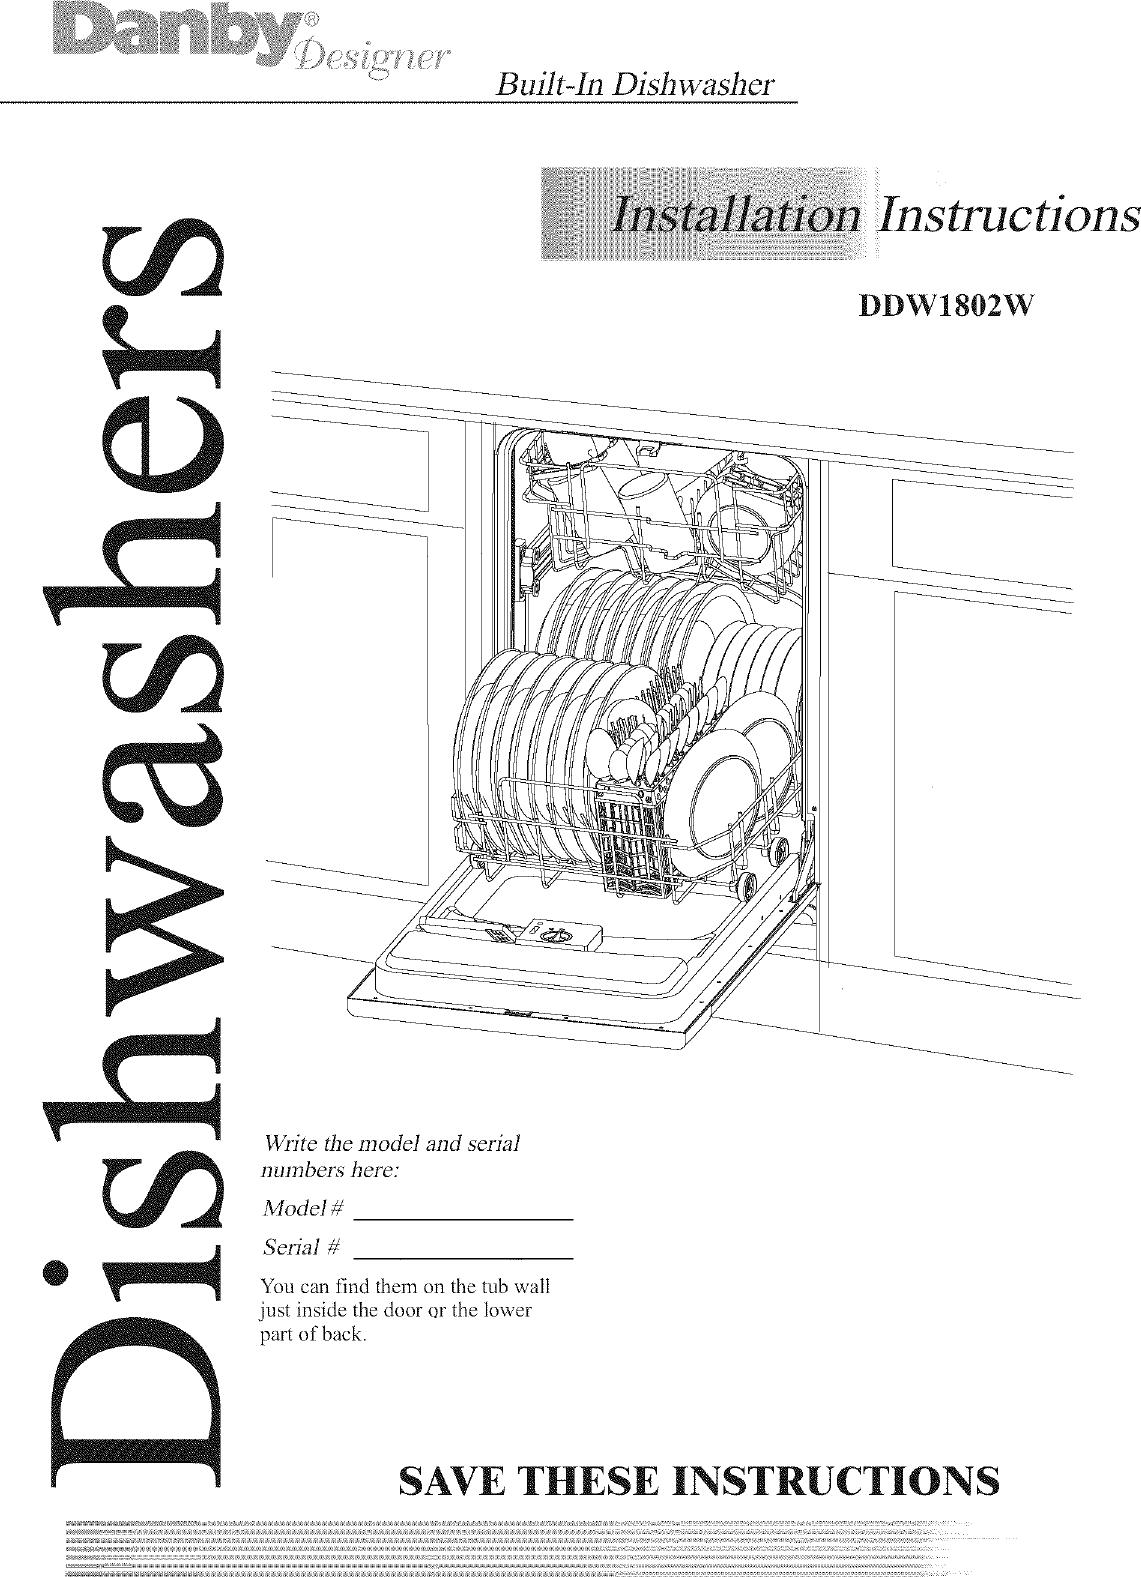 Wiring Diagram For Broan 735 - Pioneer Deh X5500hd Wiring Diagram -  tecelup.setengah.waystar.frBege Wiring Diagram - Wiring Diagram Resource